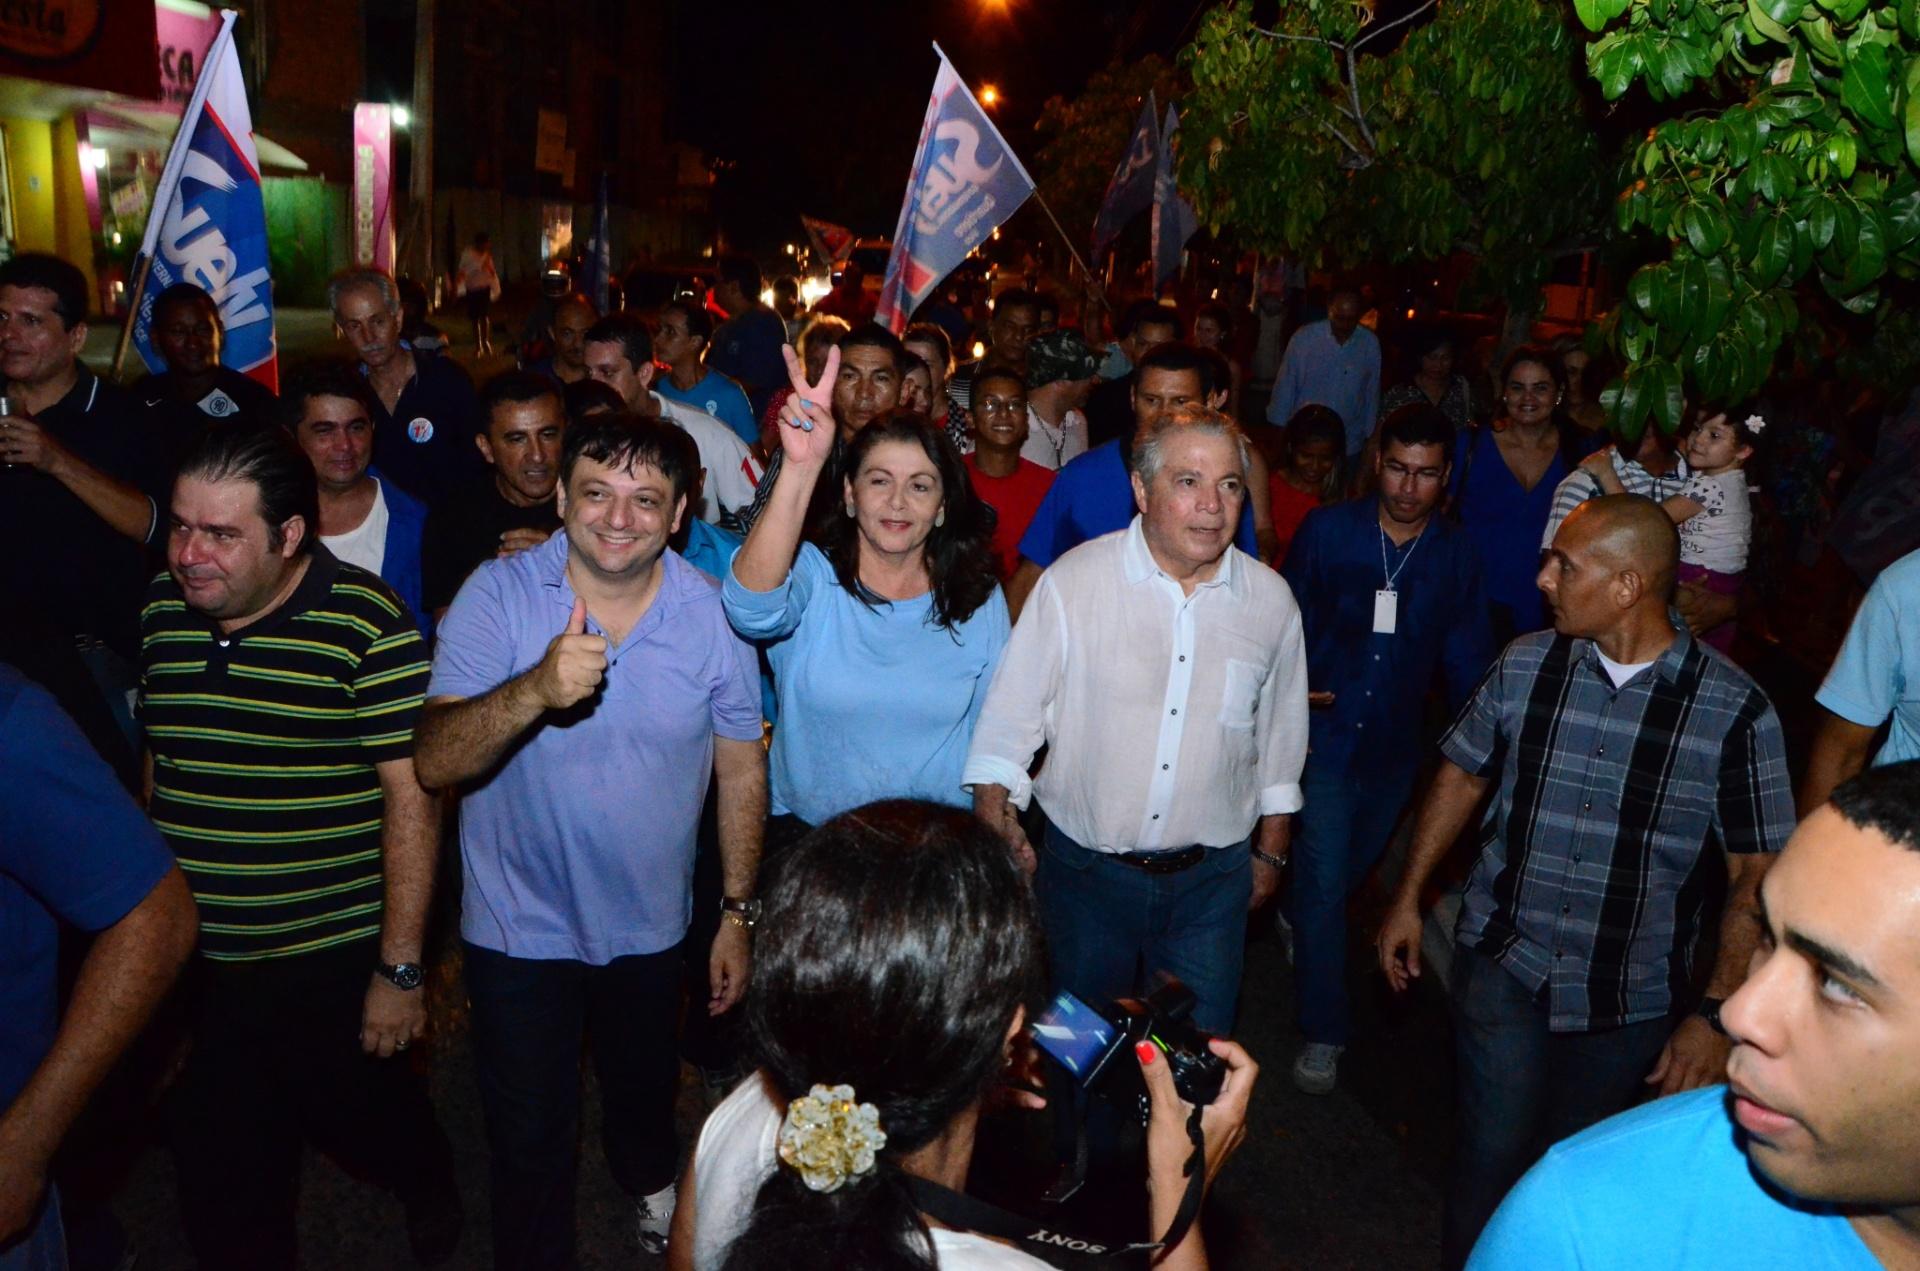 26.out.2014 - Suely Campos (PP), governadora eleita de Roraima, faz caminhada para comemorar vitória junto com seus eleitores e correligionários. Ela venceu as eleições com 54,85% dos votos válidos, contra 45,15% de Chico Rodrigues (PSB)